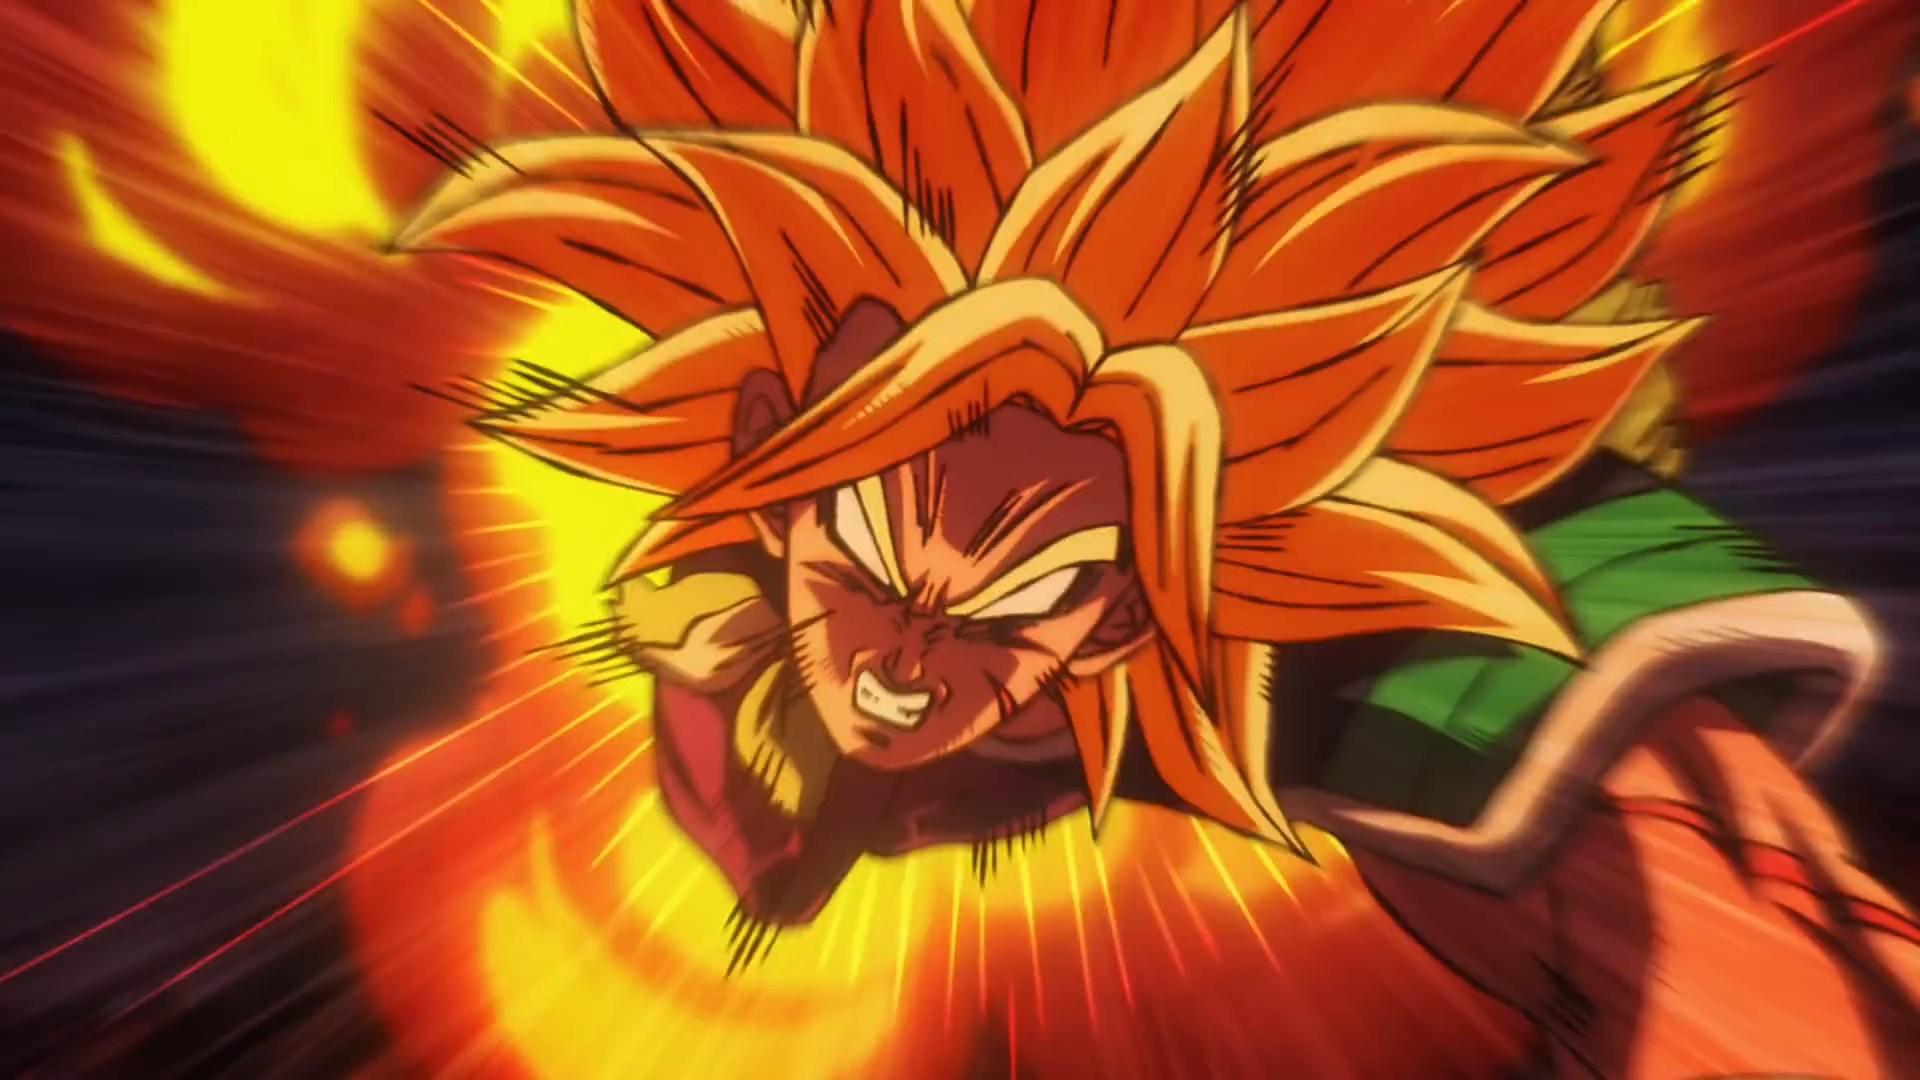 Download Dragon Ball Super Broly Gogeta Wallpaper Hd Backgrounds